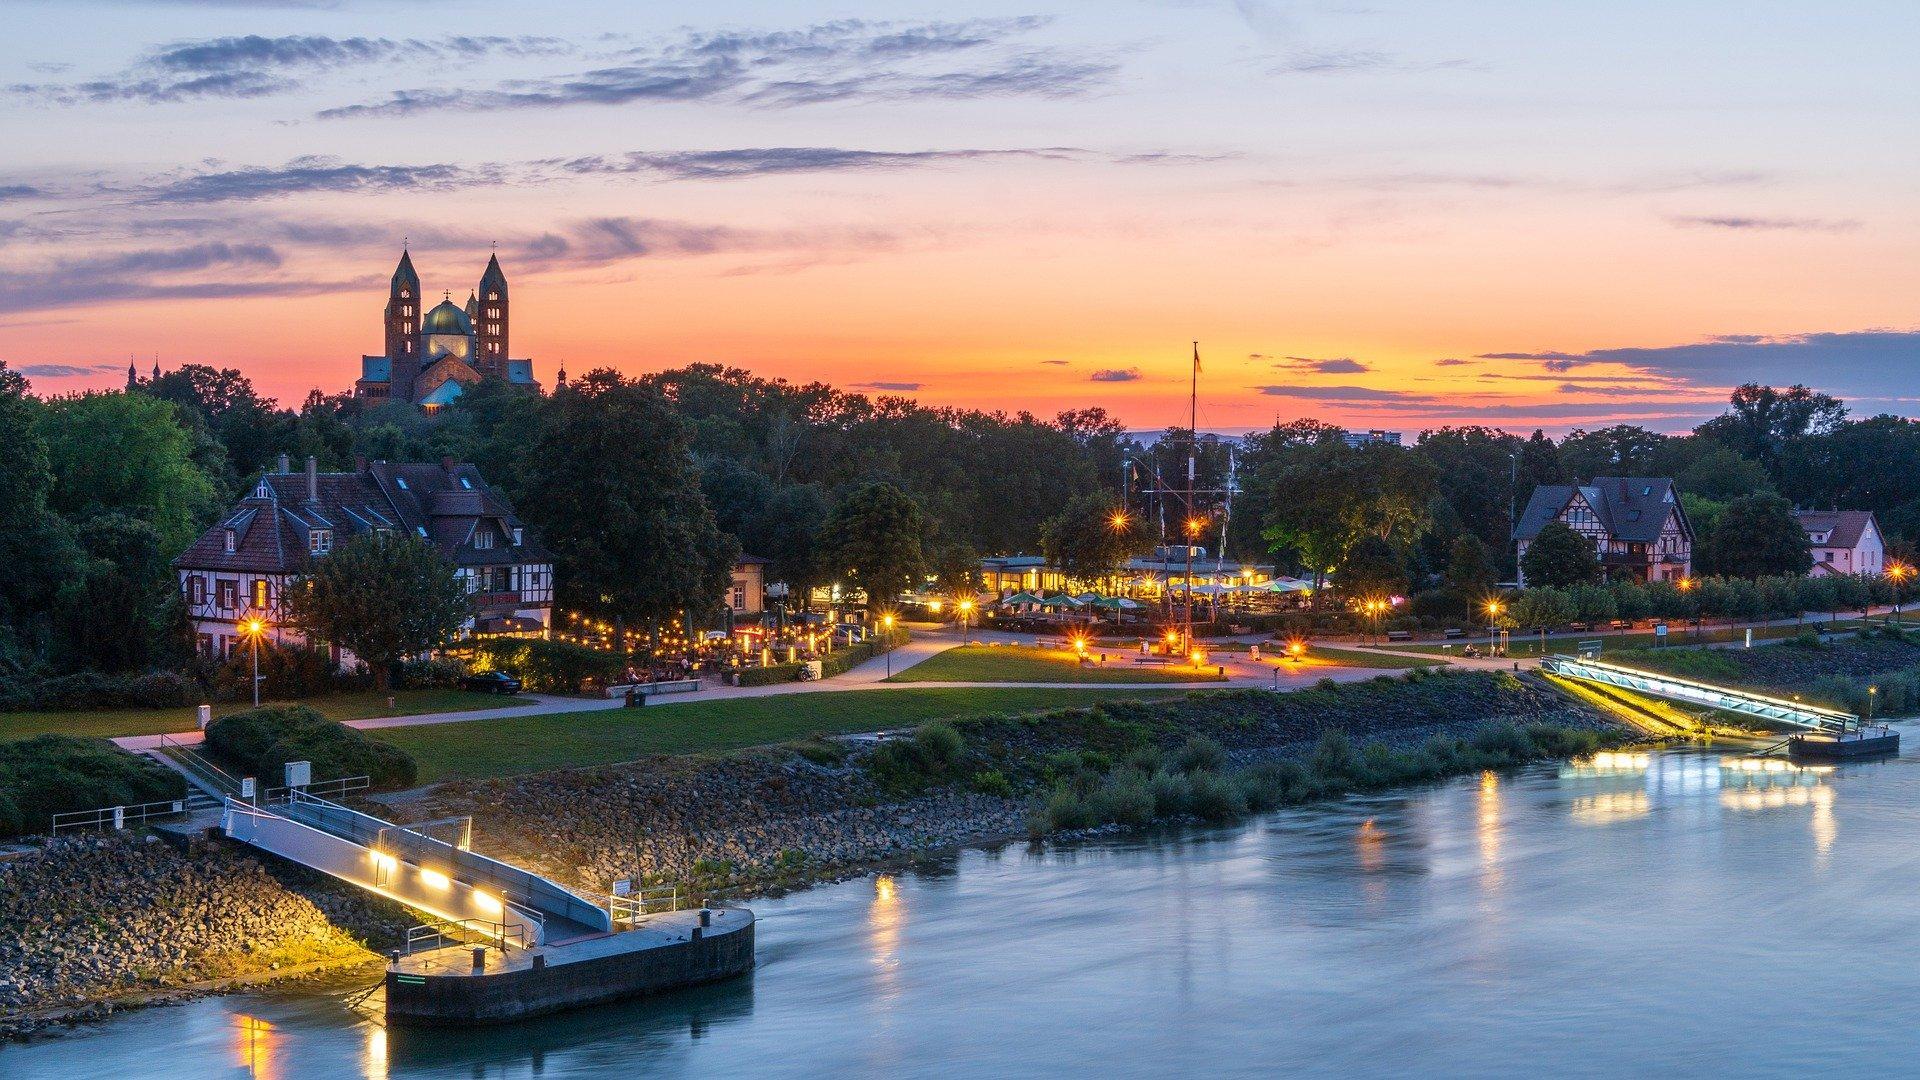 Rheinufer von Speyer am Abend